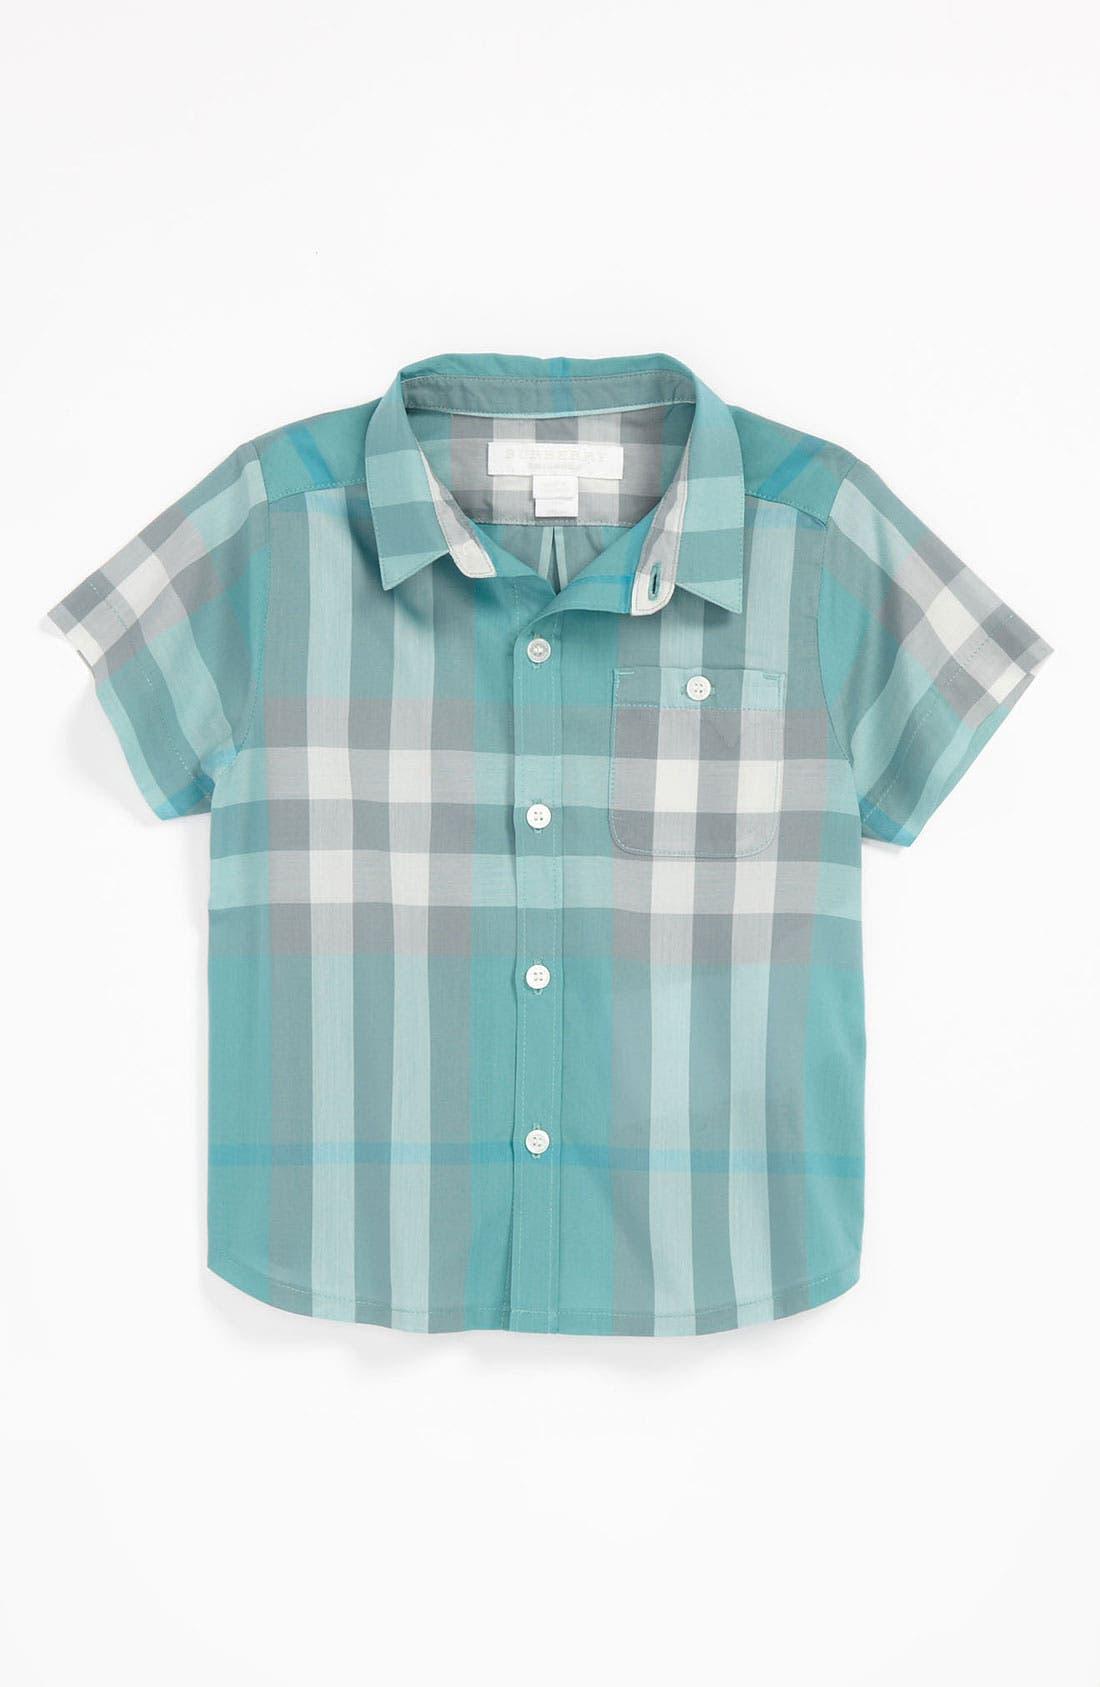 Main Image - Burberry 'Tyson' Shirt (Baby)